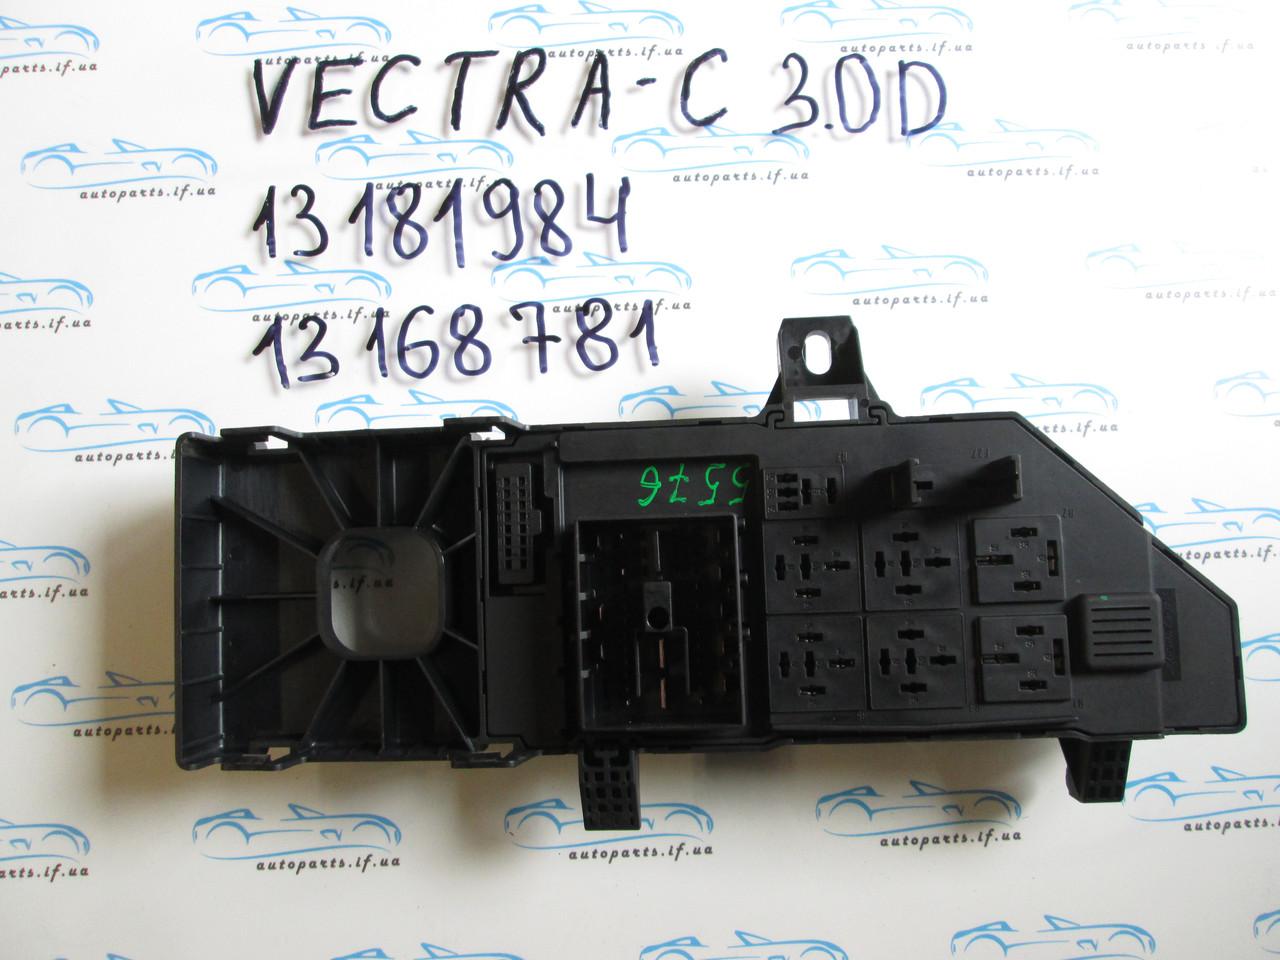 Блок предохранителей Vectra C 3.0CDTI 13181984 pin